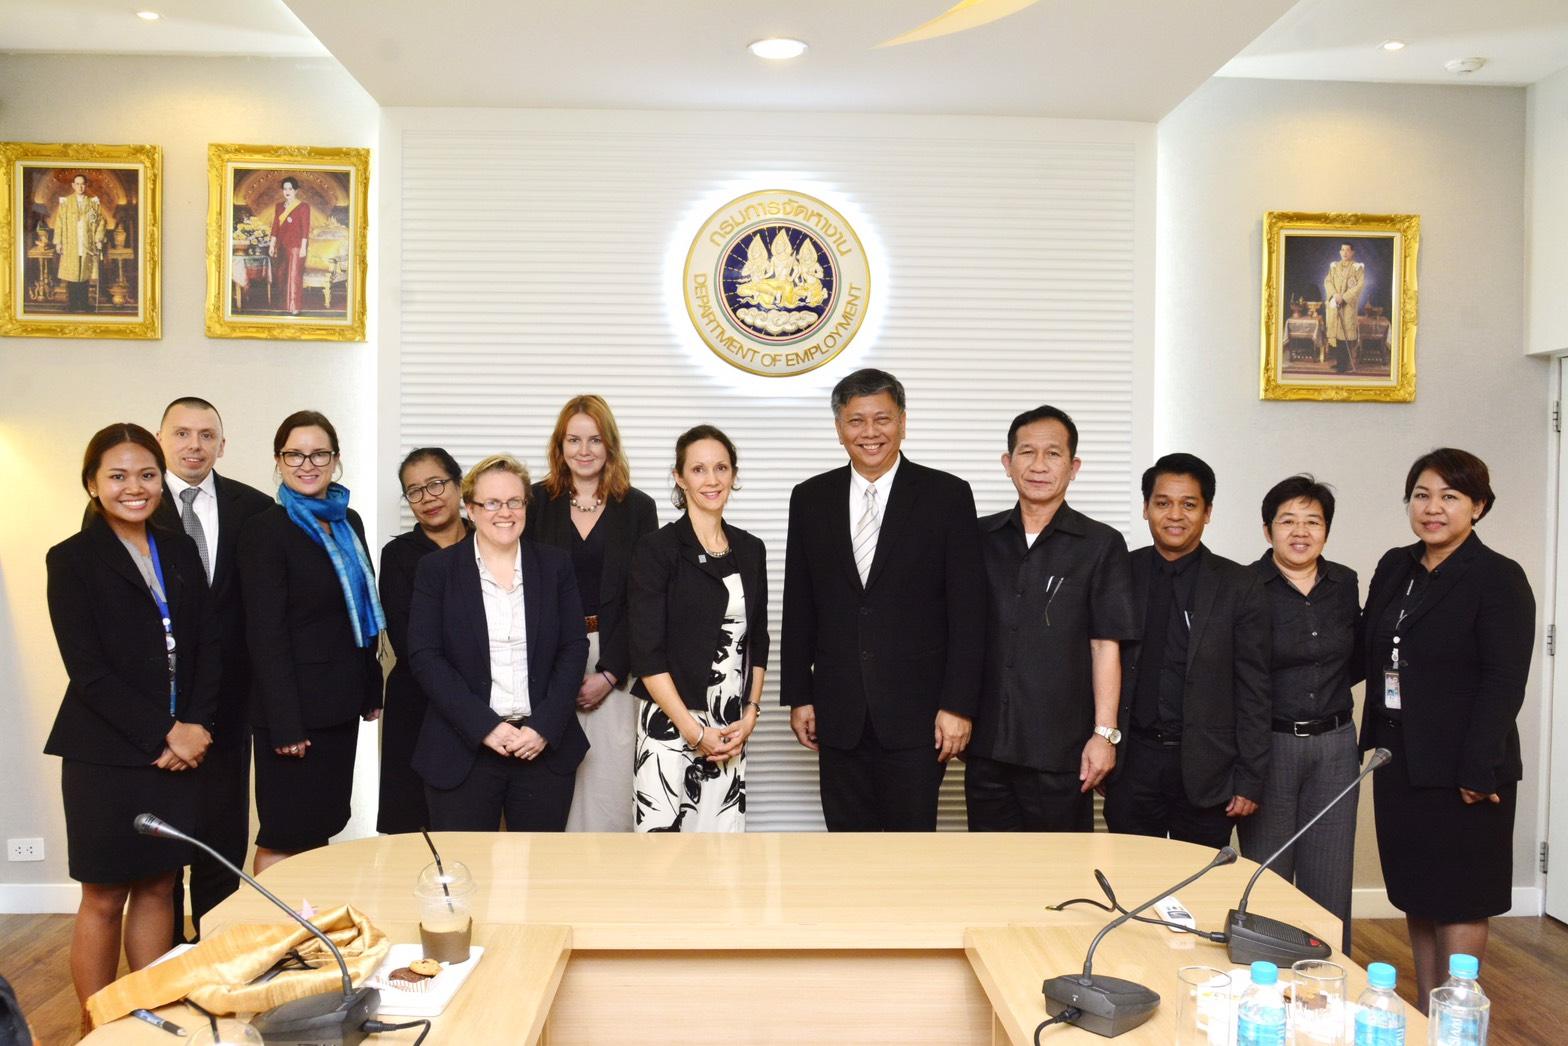 กกจ. ร่วมหารือ IOM ในการจัดส่งแรงงานกัมพูชา และเมียนมาเข้ามาทำงานในประเทศไทยแบบ G to G